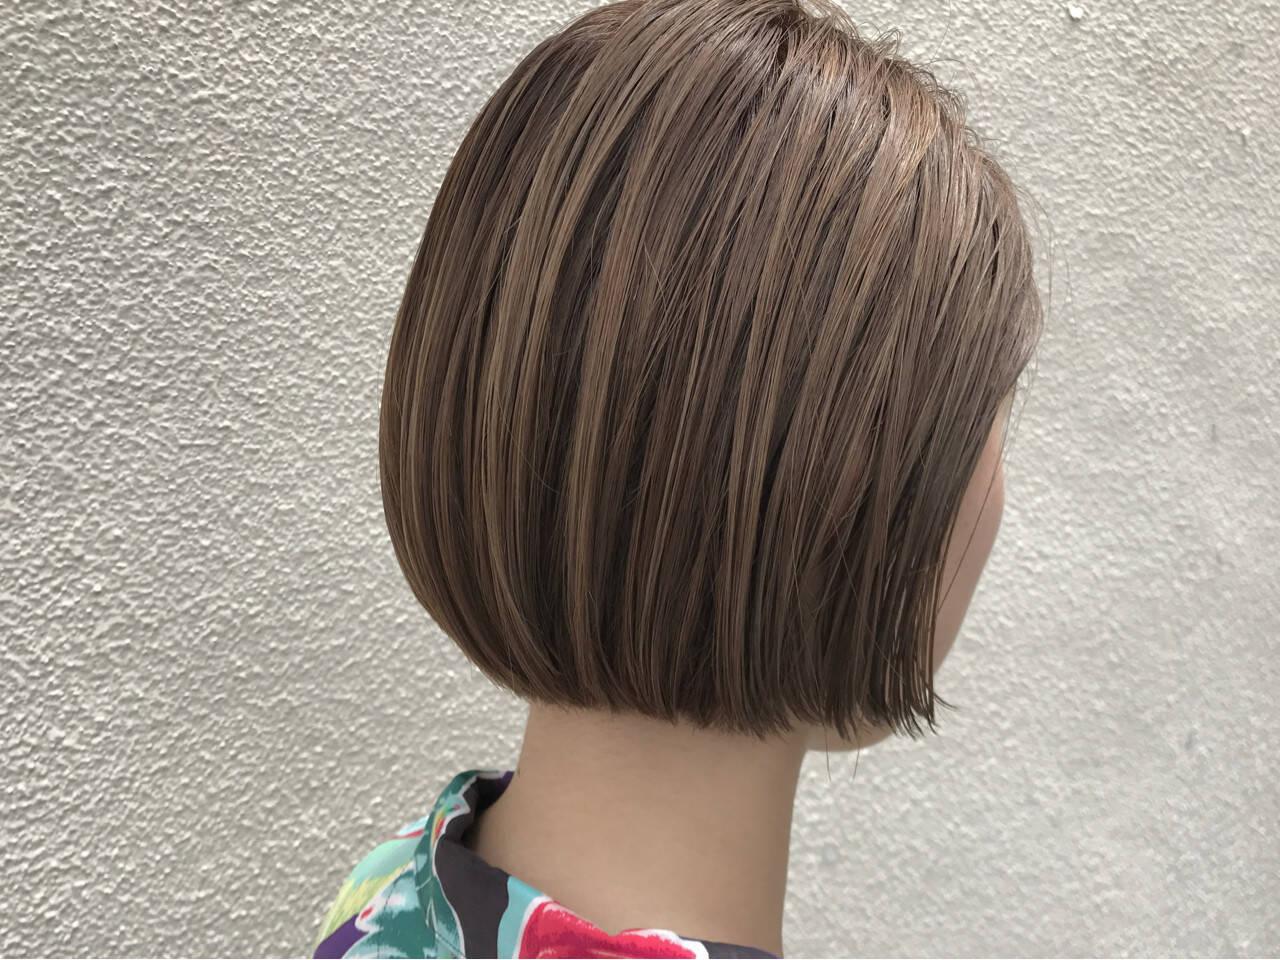 ナチュラル ショート ショートボブ ボブヘアスタイルや髪型の写真・画像